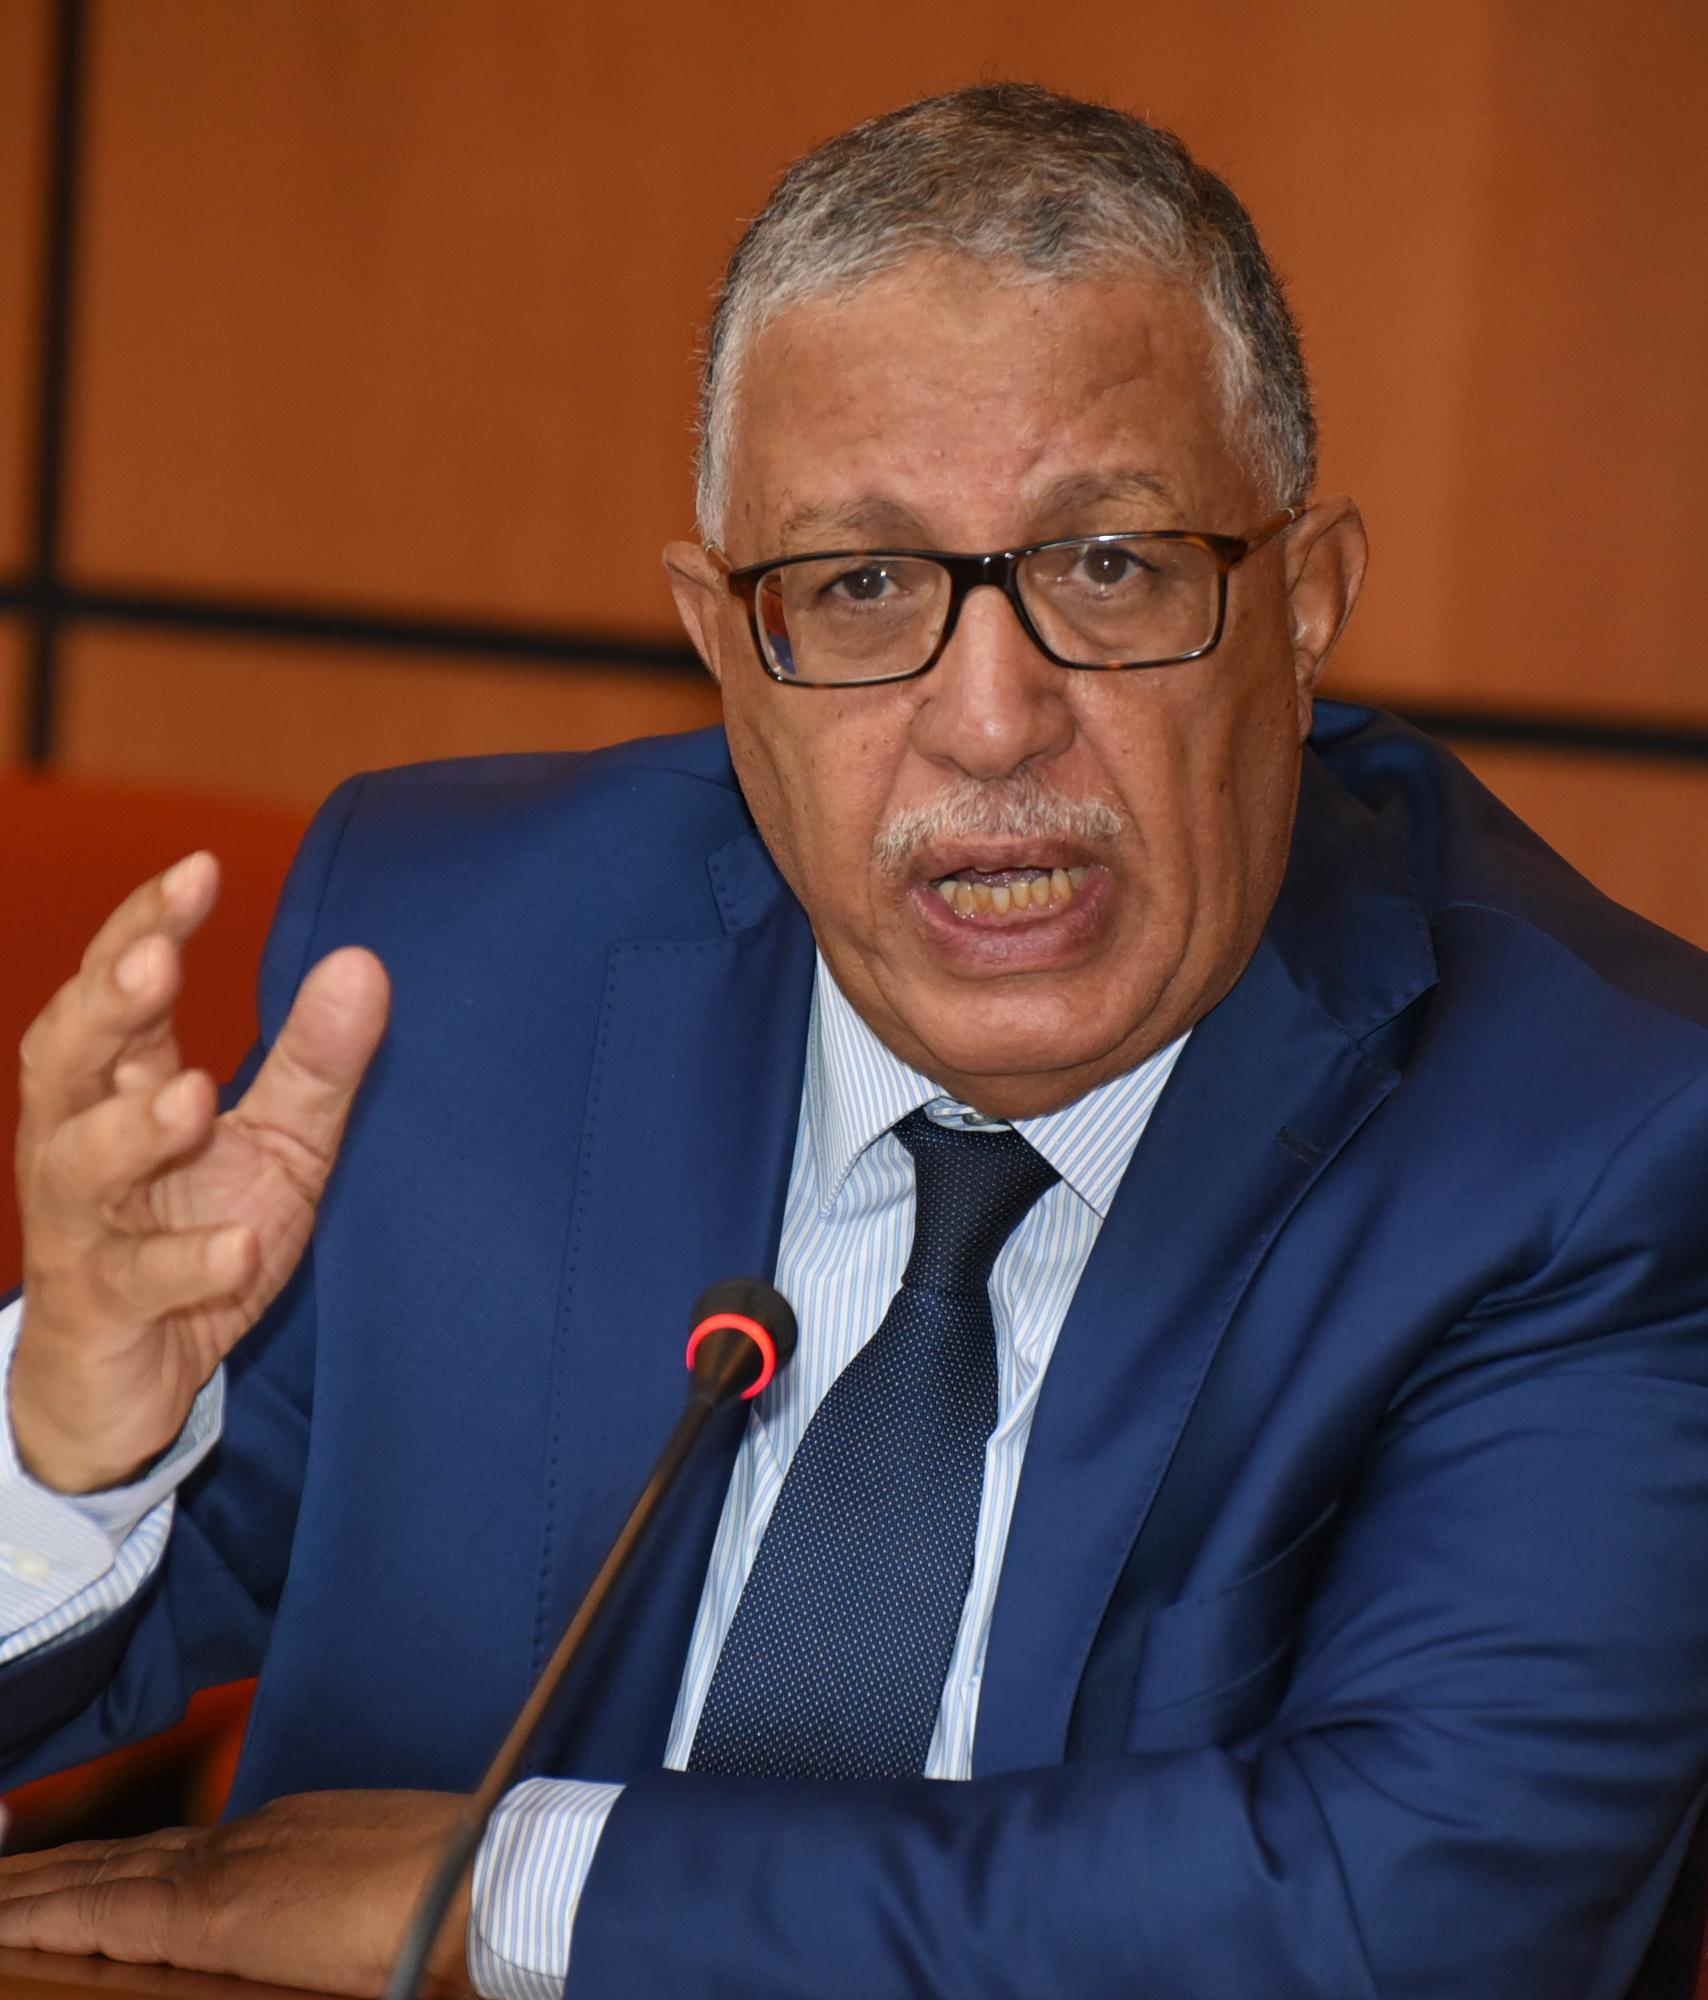 الاخ محمد بلحسان : الدعوة الى إصلاح الخطارات بإقليم الراشيدية واعتبارها ثراتا انسانيا